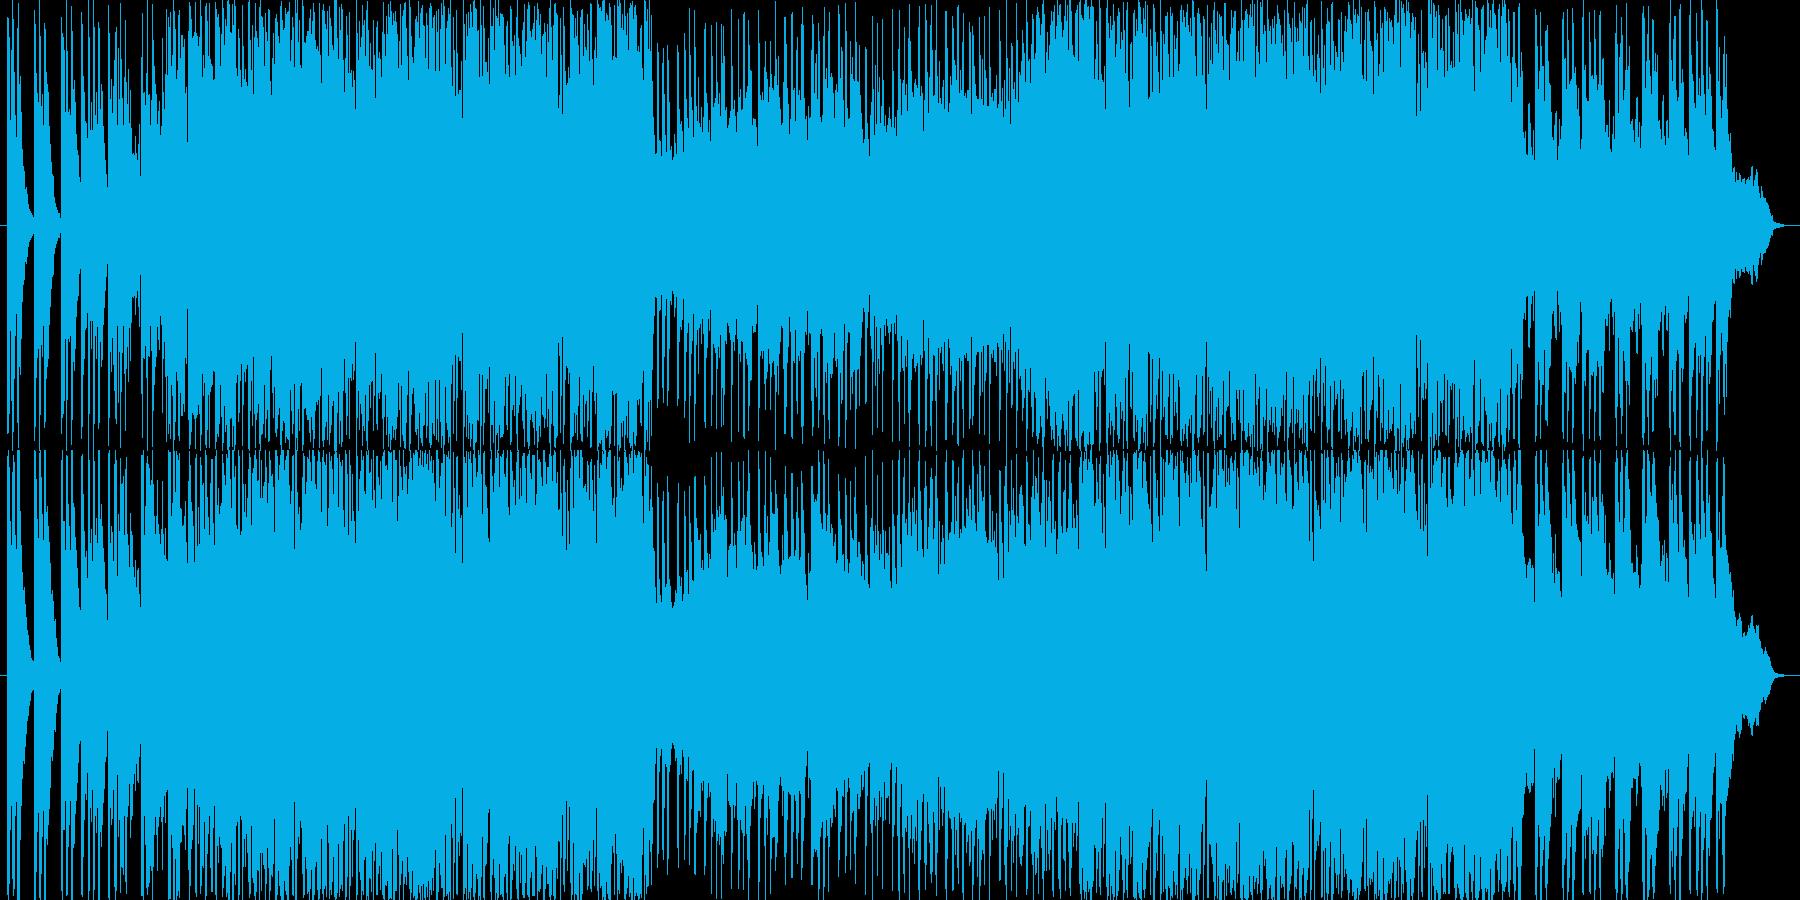 テクノに和を取り入れた近未来的な楽曲の再生済みの波形